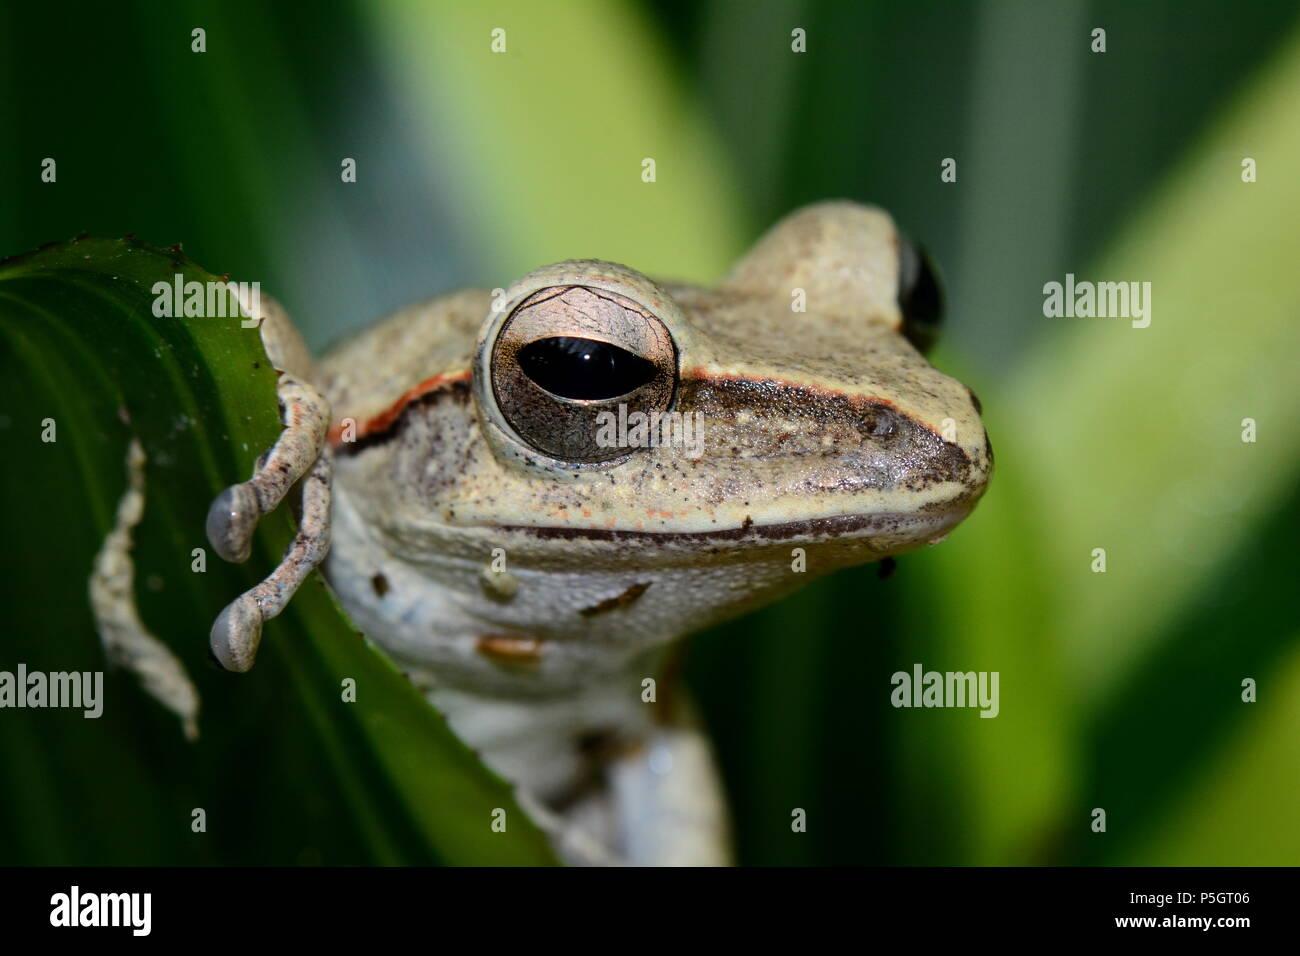 Ein laubfrosch posiert für die Kamera in den Gärten. Stockbild